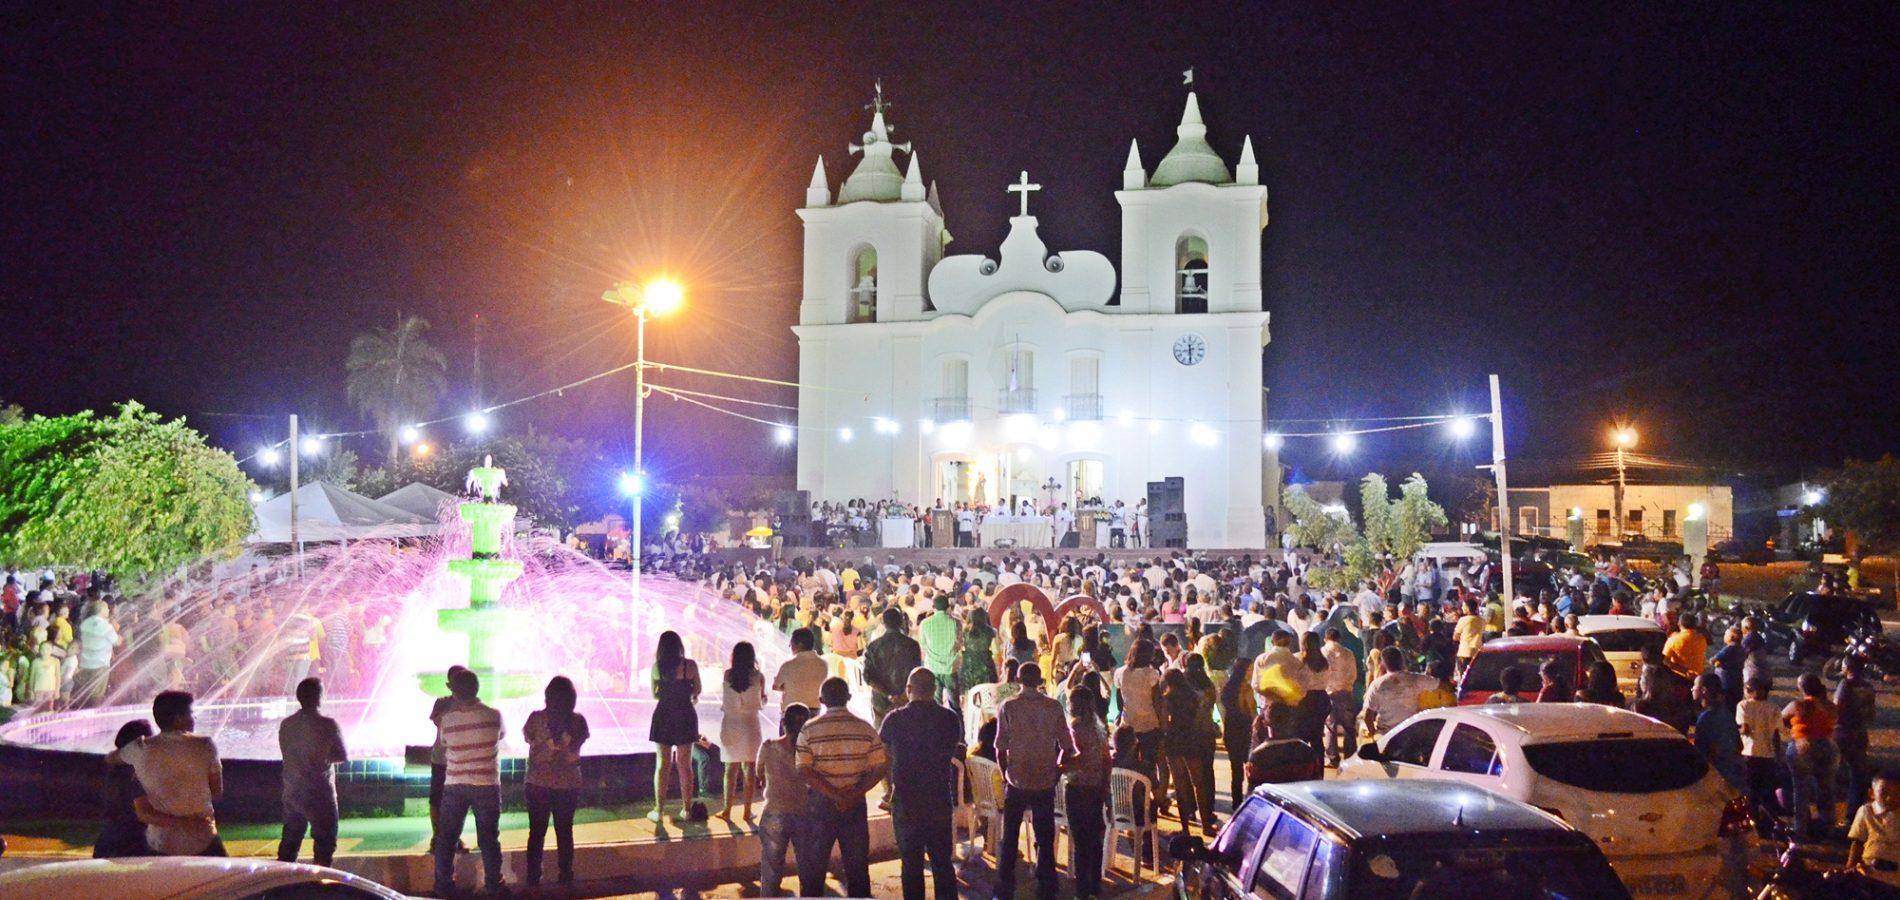 Carreata e missa marcam 2ª noite dos festejos da padroeira de Jaicós; veja fotos